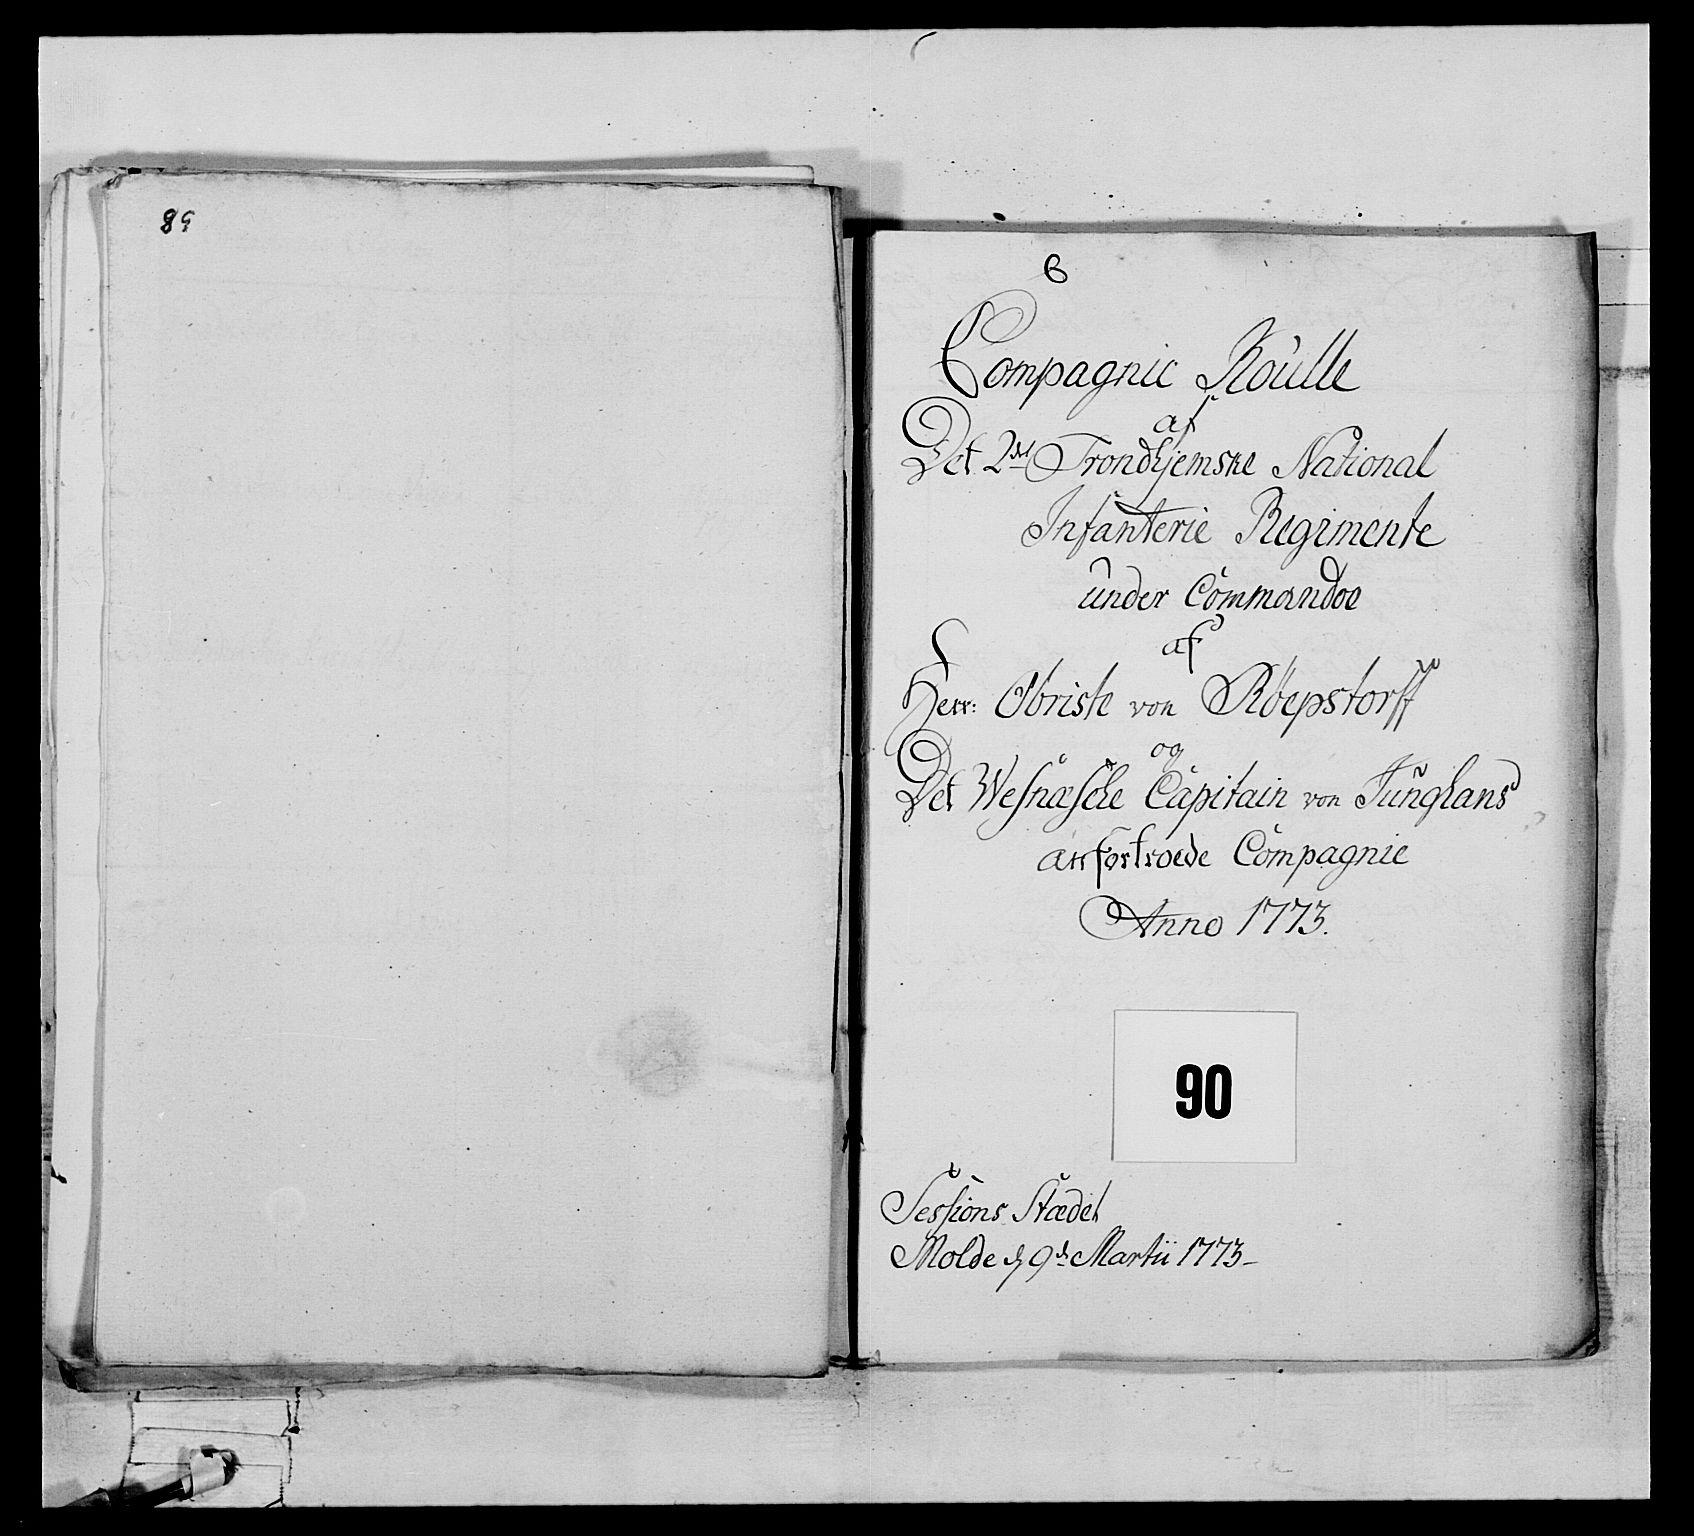 RA, Generalitets- og kommissariatskollegiet, Det kongelige norske kommissariatskollegium, E/Eh/L0076: 2. Trondheimske nasjonale infanteriregiment, 1766-1773, s. 509